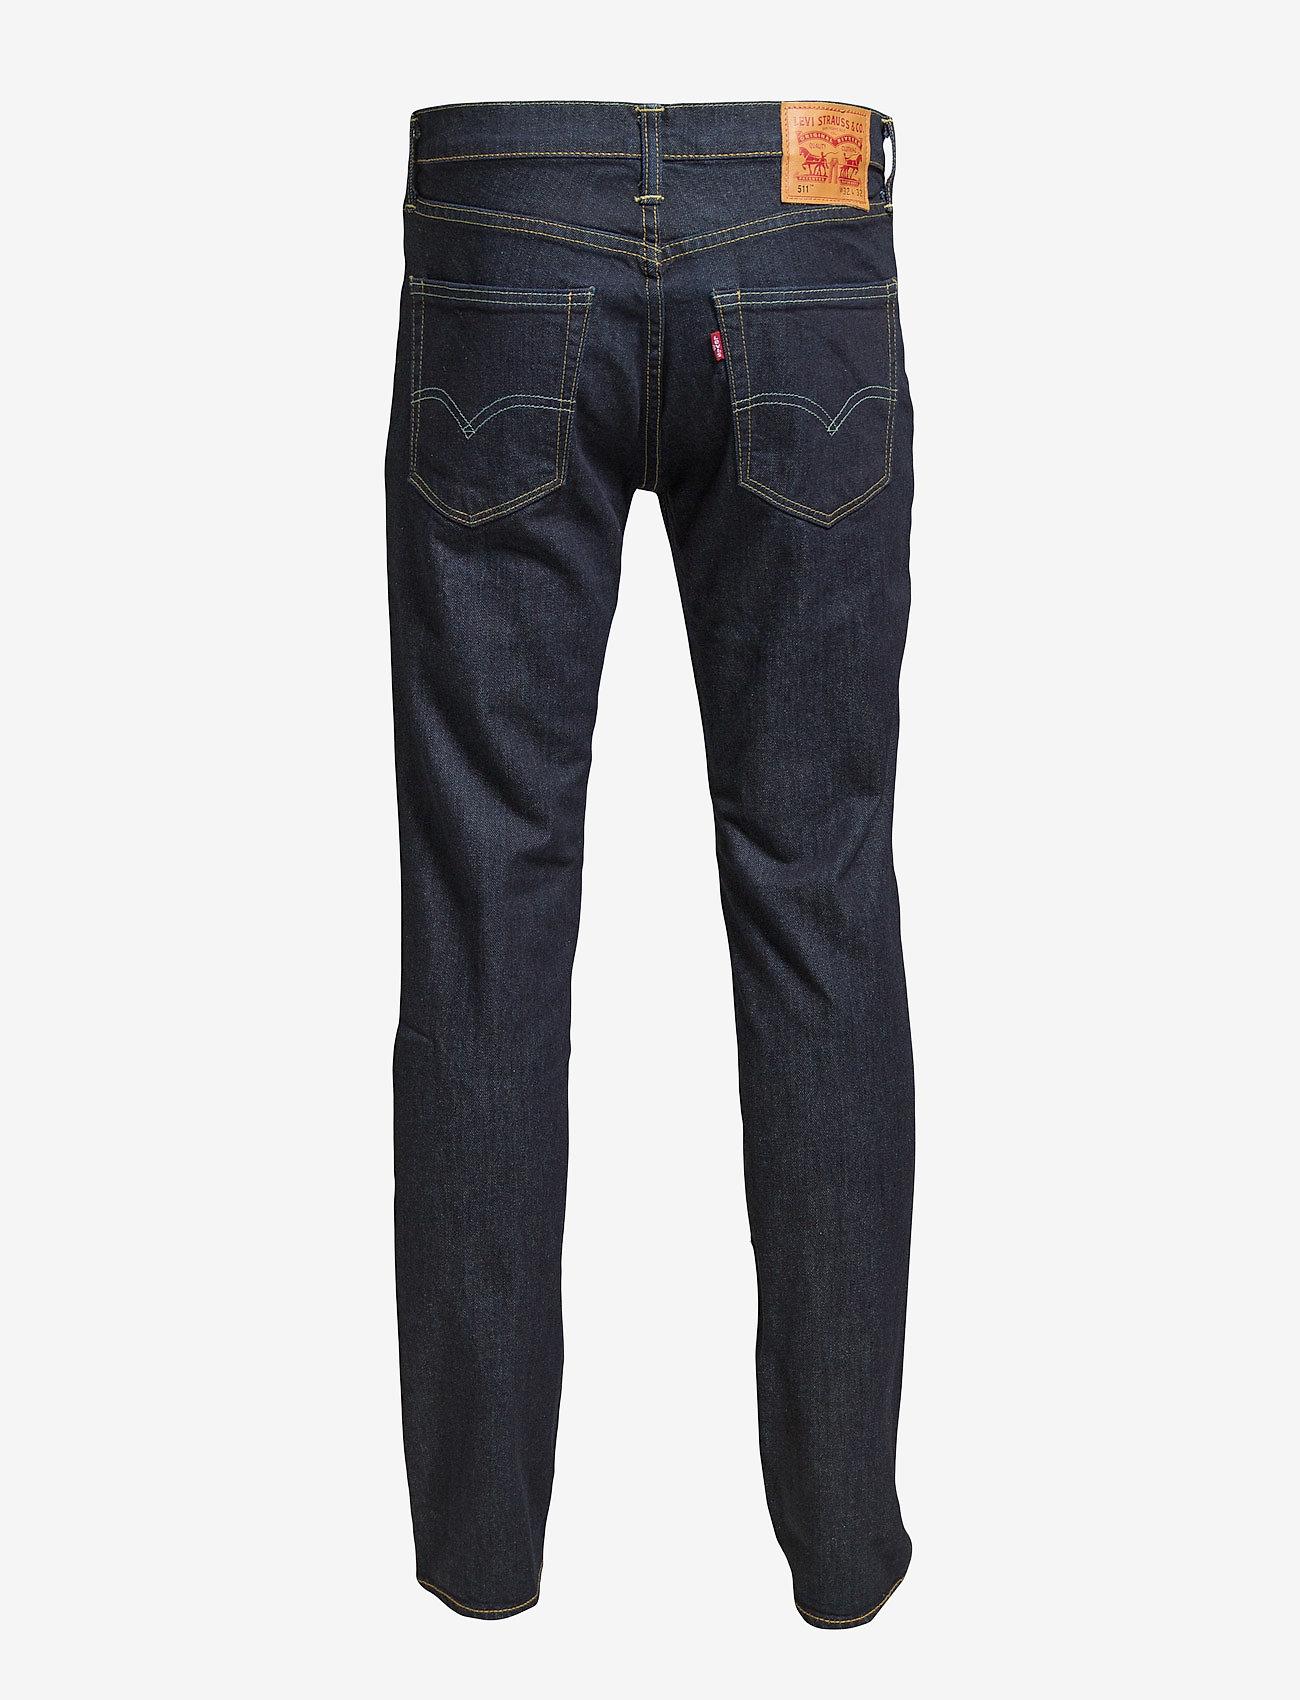 LEVI´S Men - 511 SLIM ROCK COD - džinsa bikses ar tievām starām - dark indigo - flat finish - 1